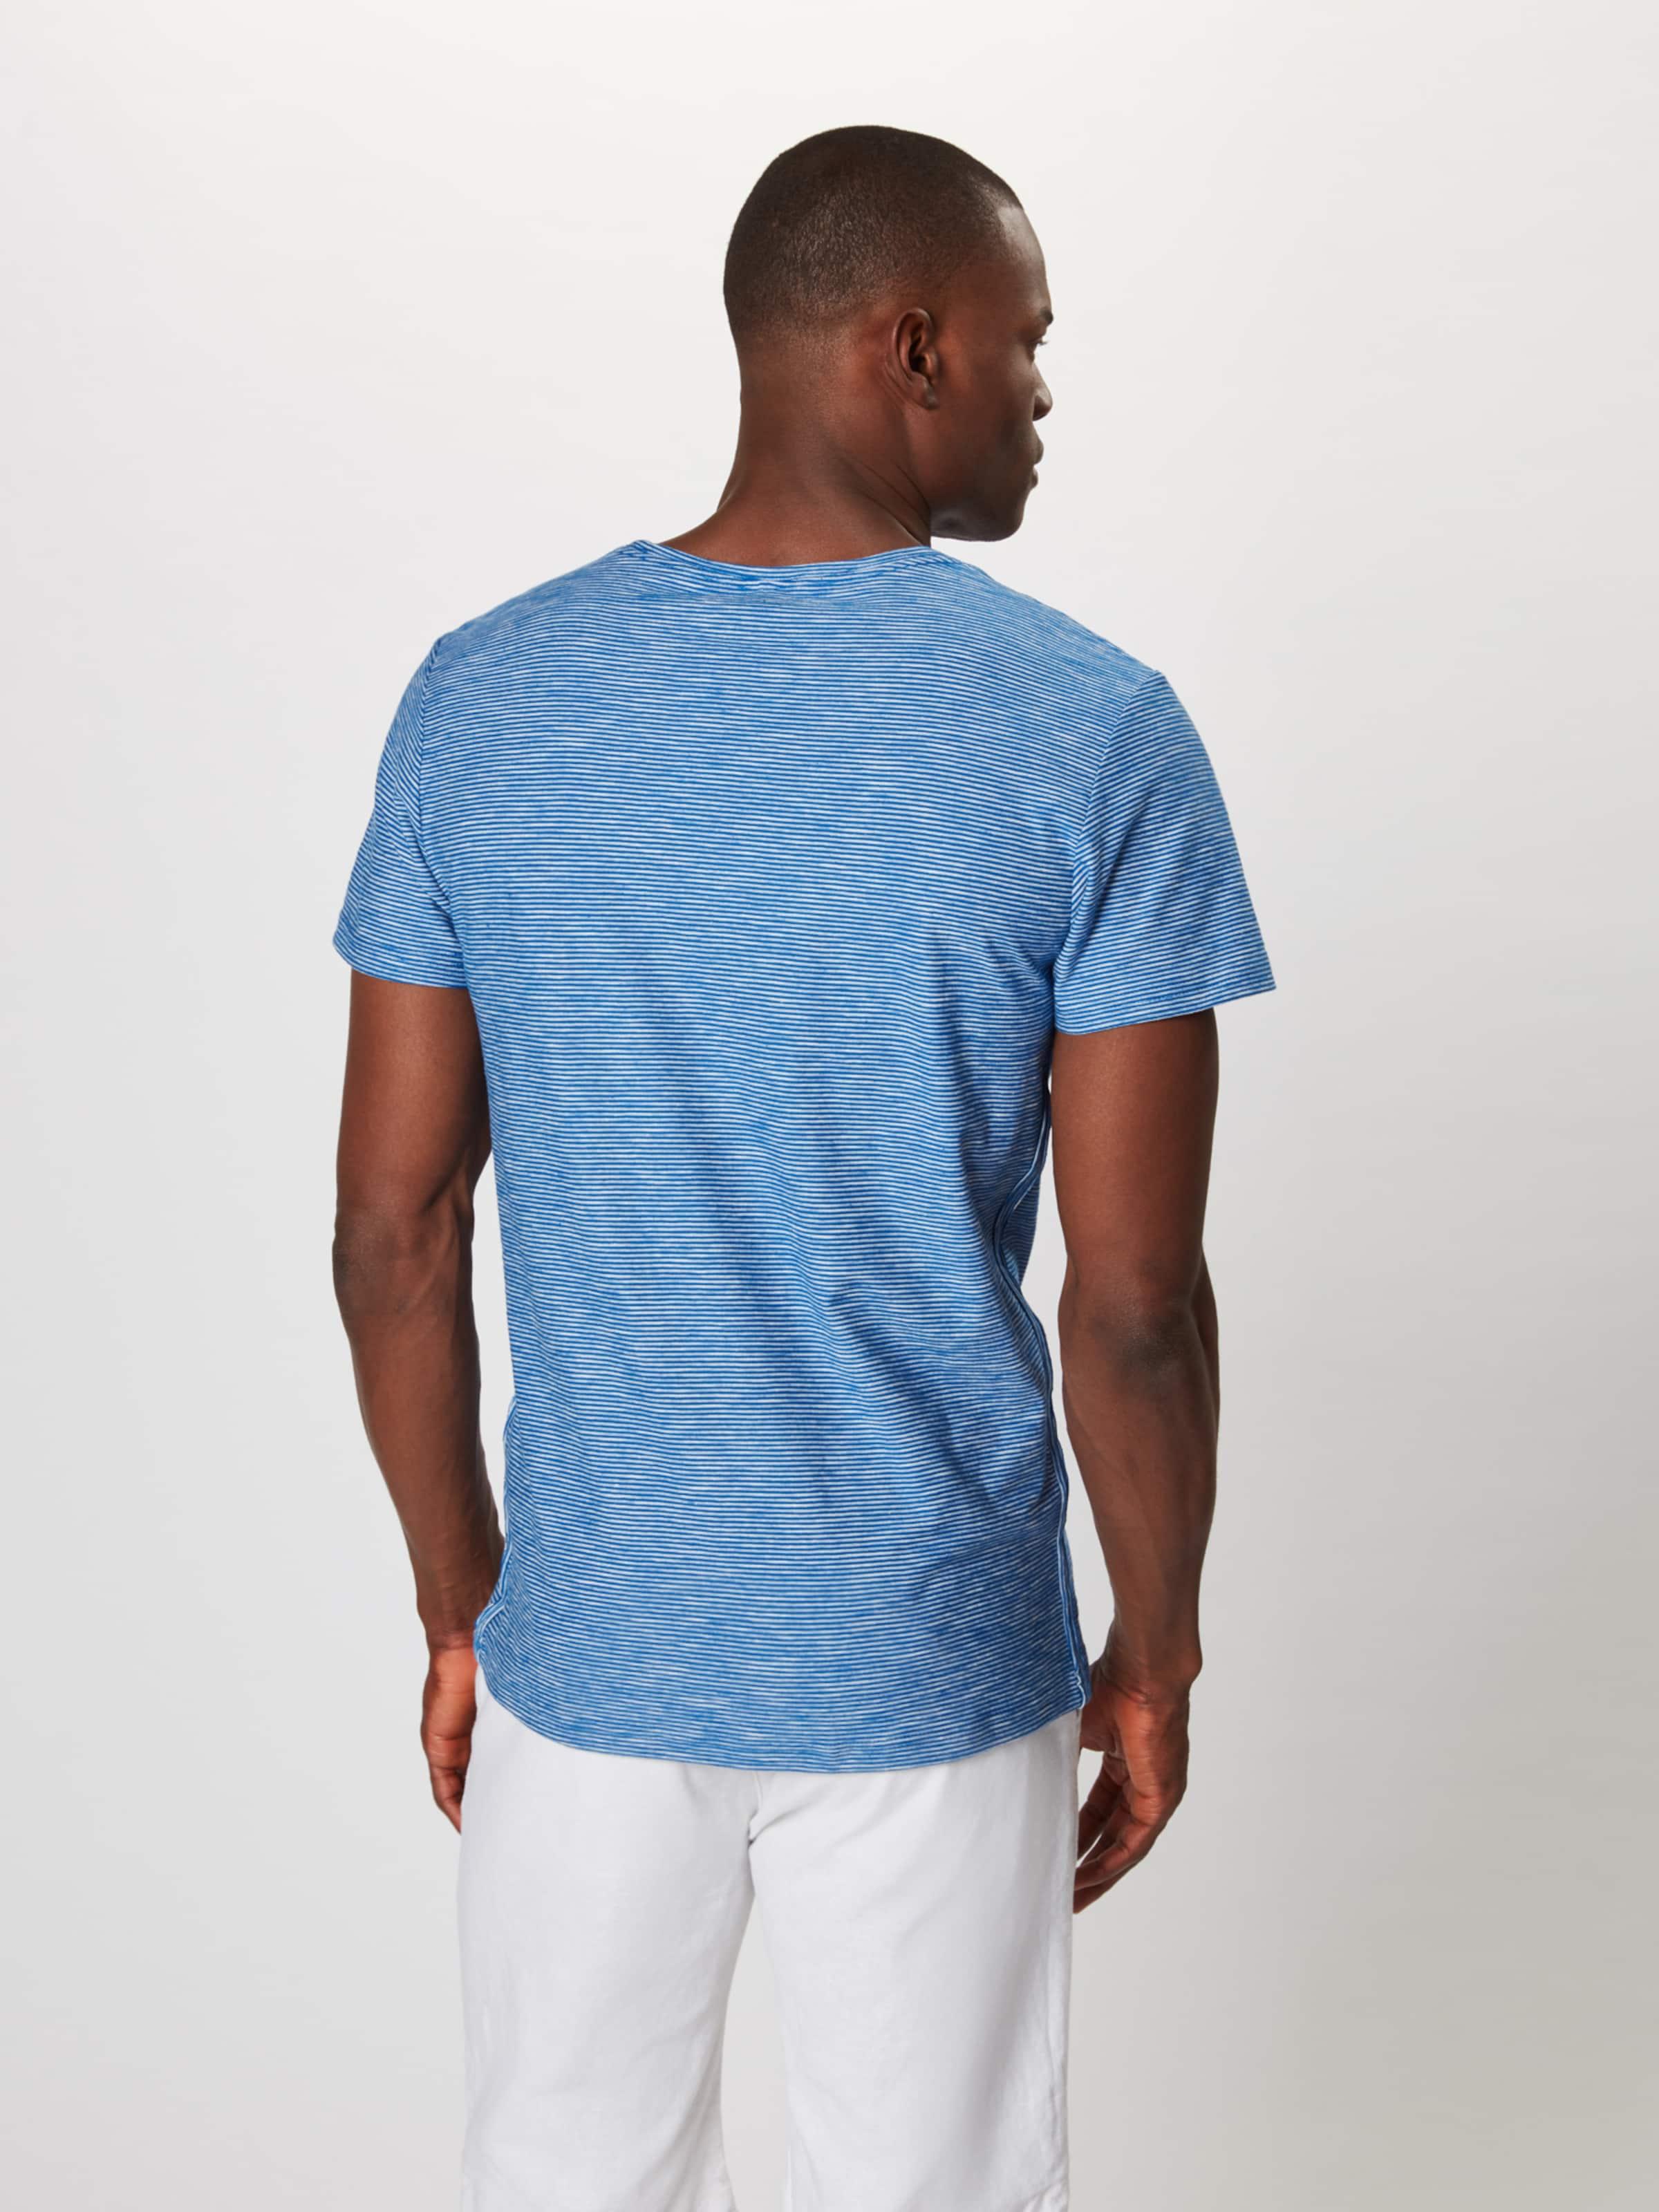 Shirt Blaumeliert Blend Blend 'tee' In bgfvYI6y7